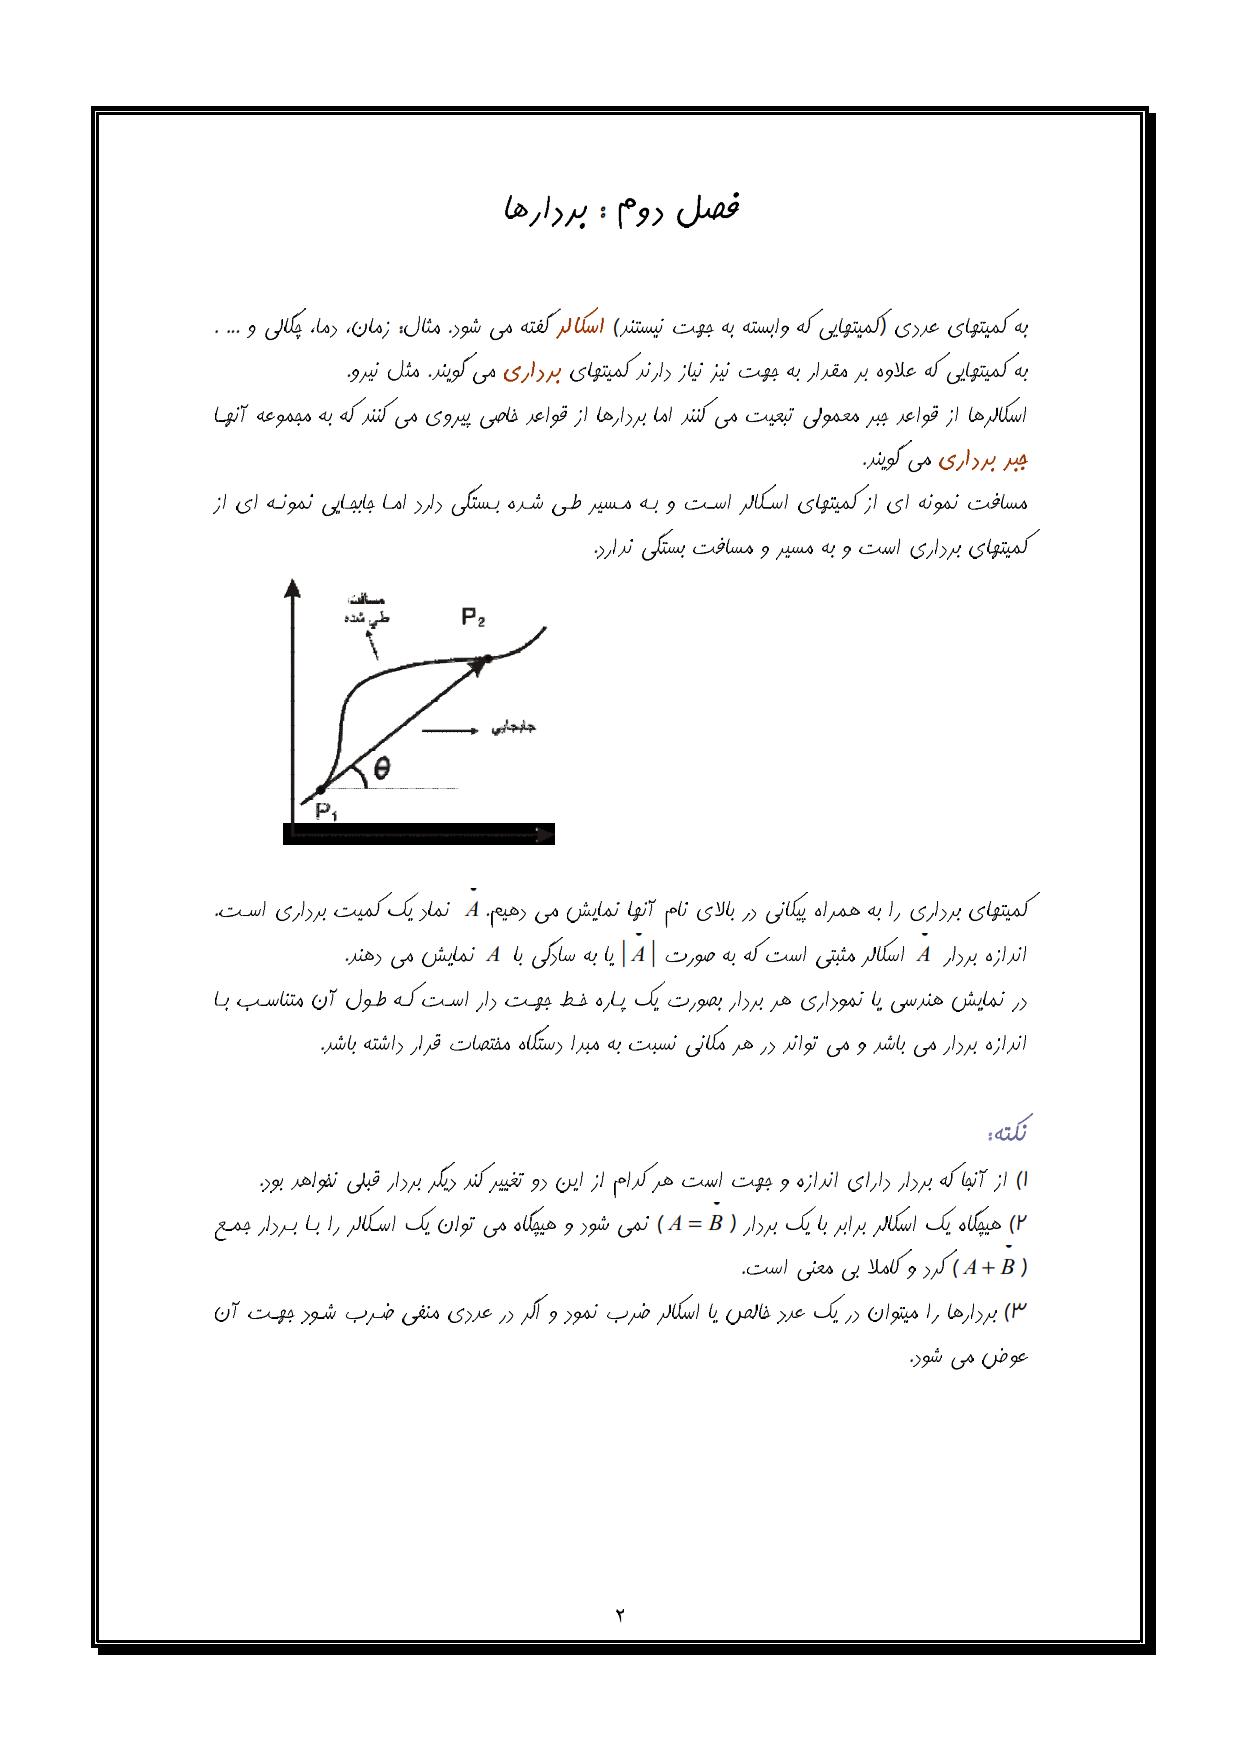 دانلود کتاب فیزیک پایه 1 مکانیک هریس بنسون به زبان فارسی فیزیک پایه یک هریس بنسون فارسی pdf پاورپوینت ppt